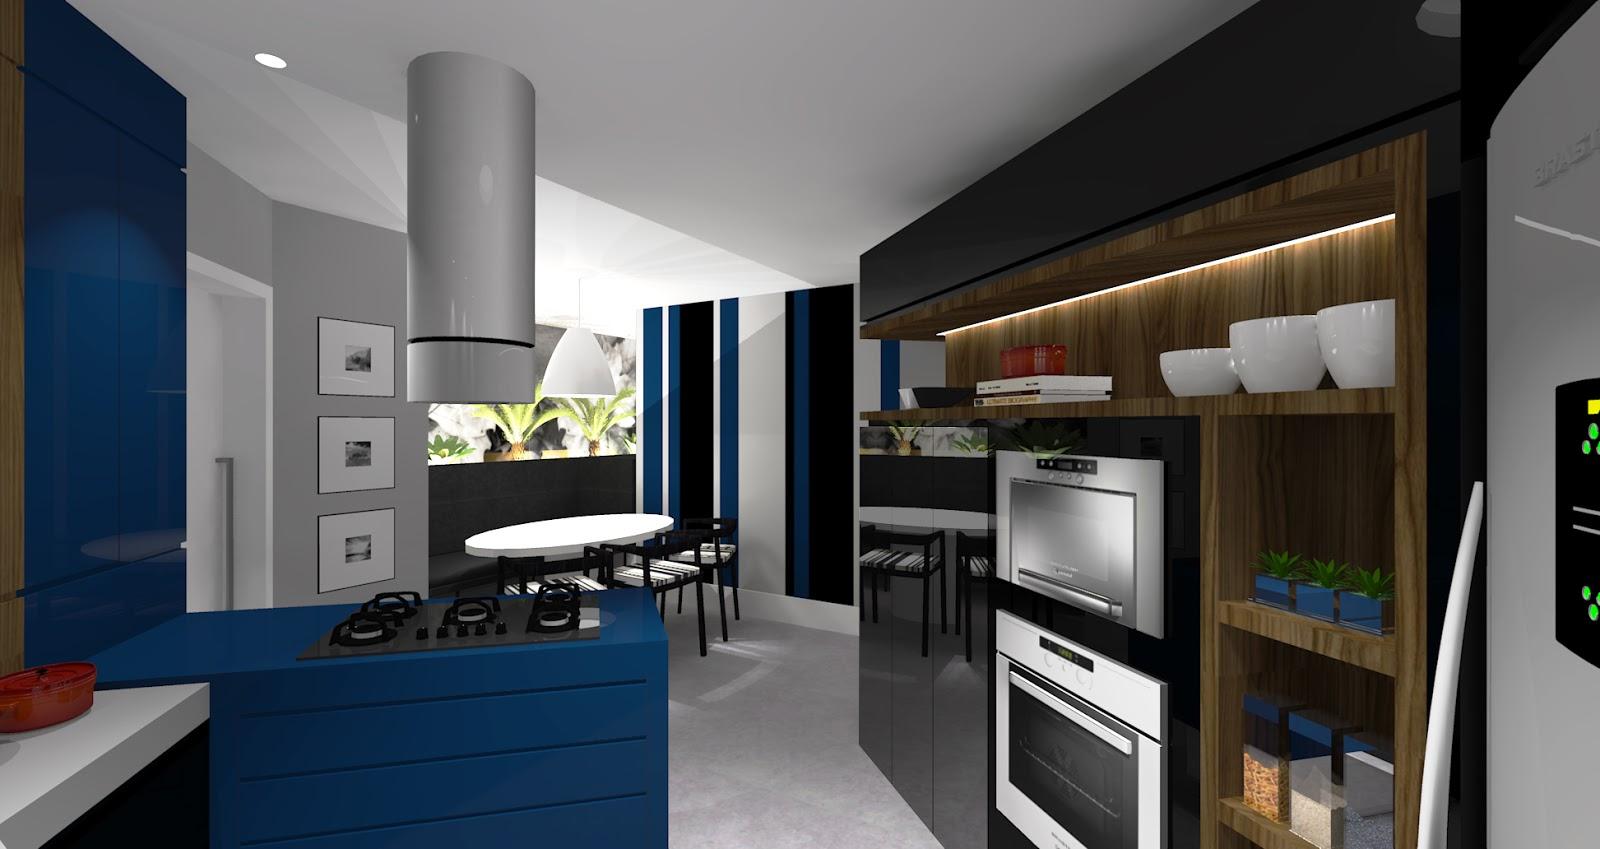 Ilto Gerber: Projeto Interior Cozinha Gourmet #11385A 1600 849